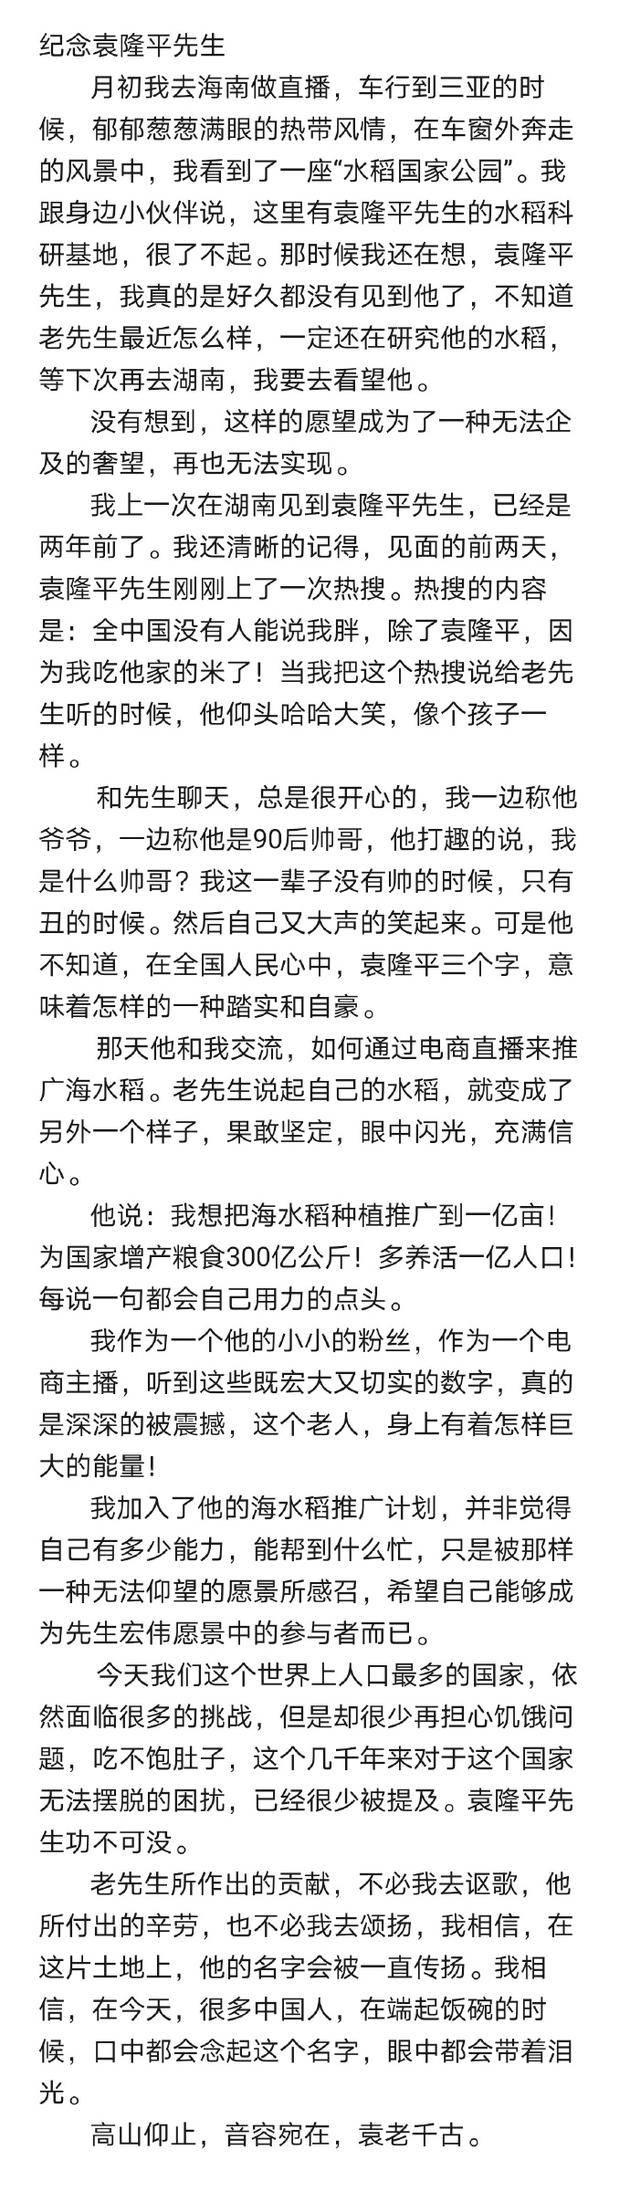 拉菲8首页-首页【1.1.1】